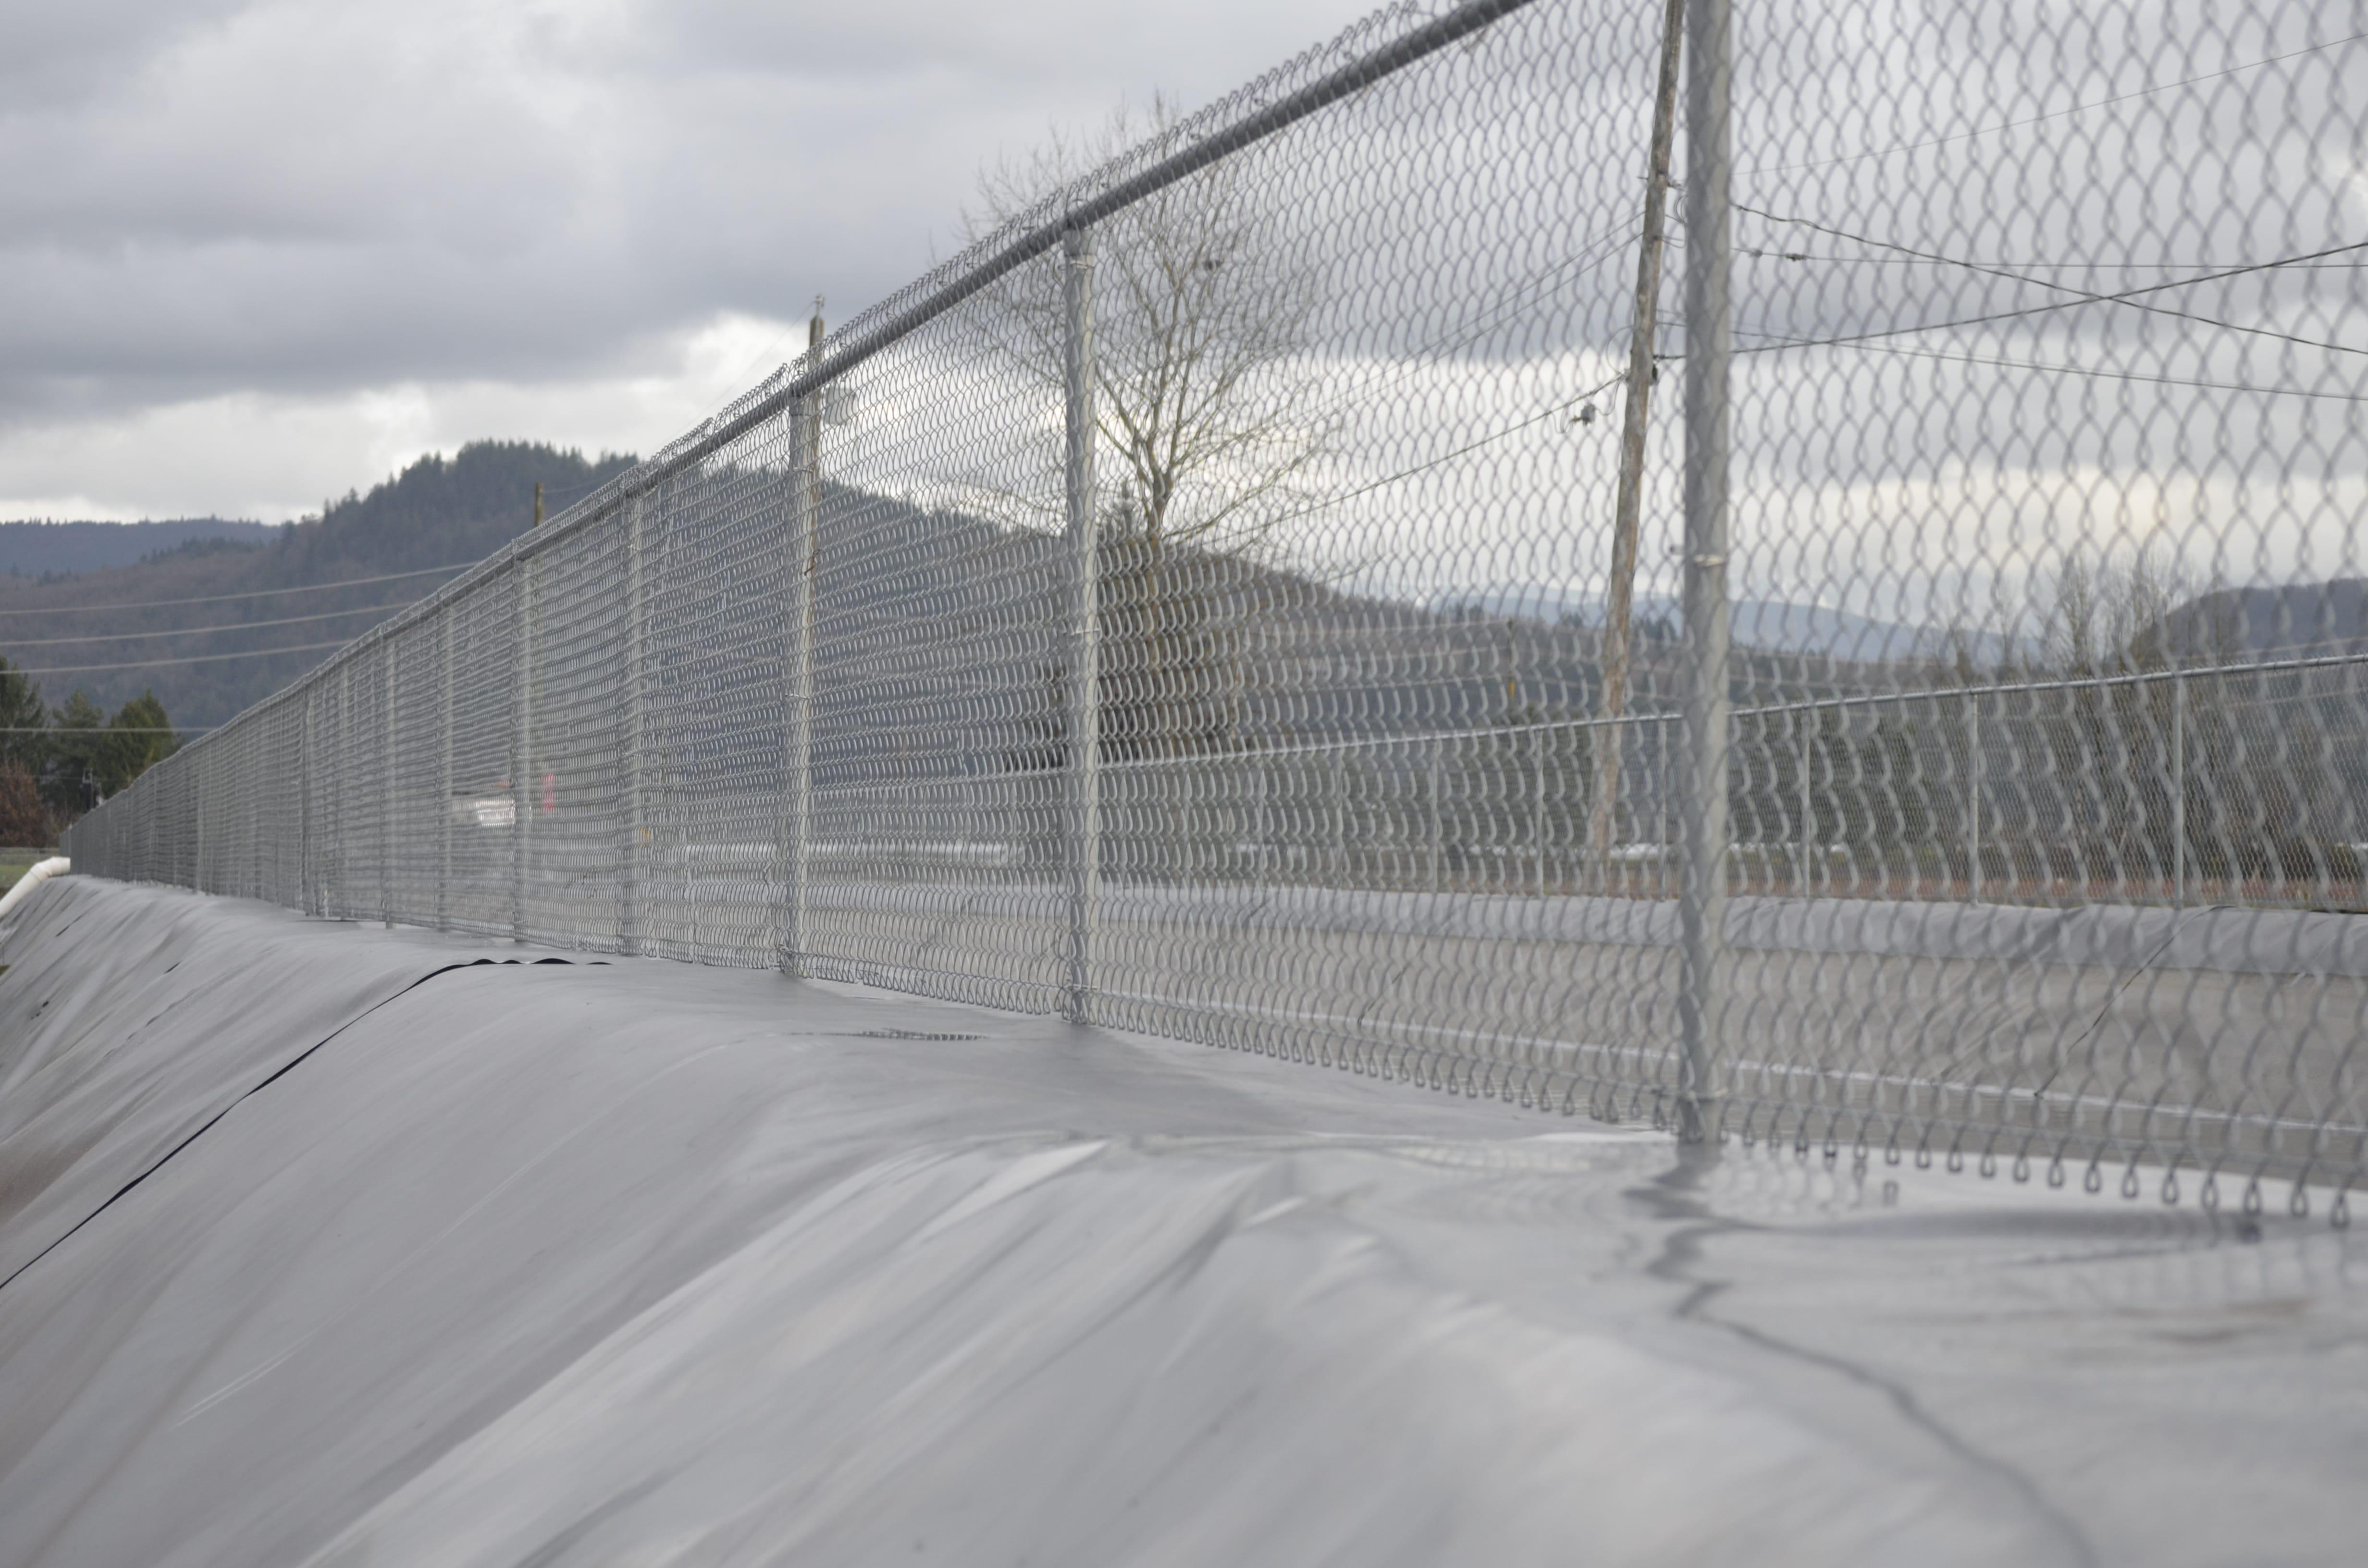 Metal Fencing Vulcan Metal Work